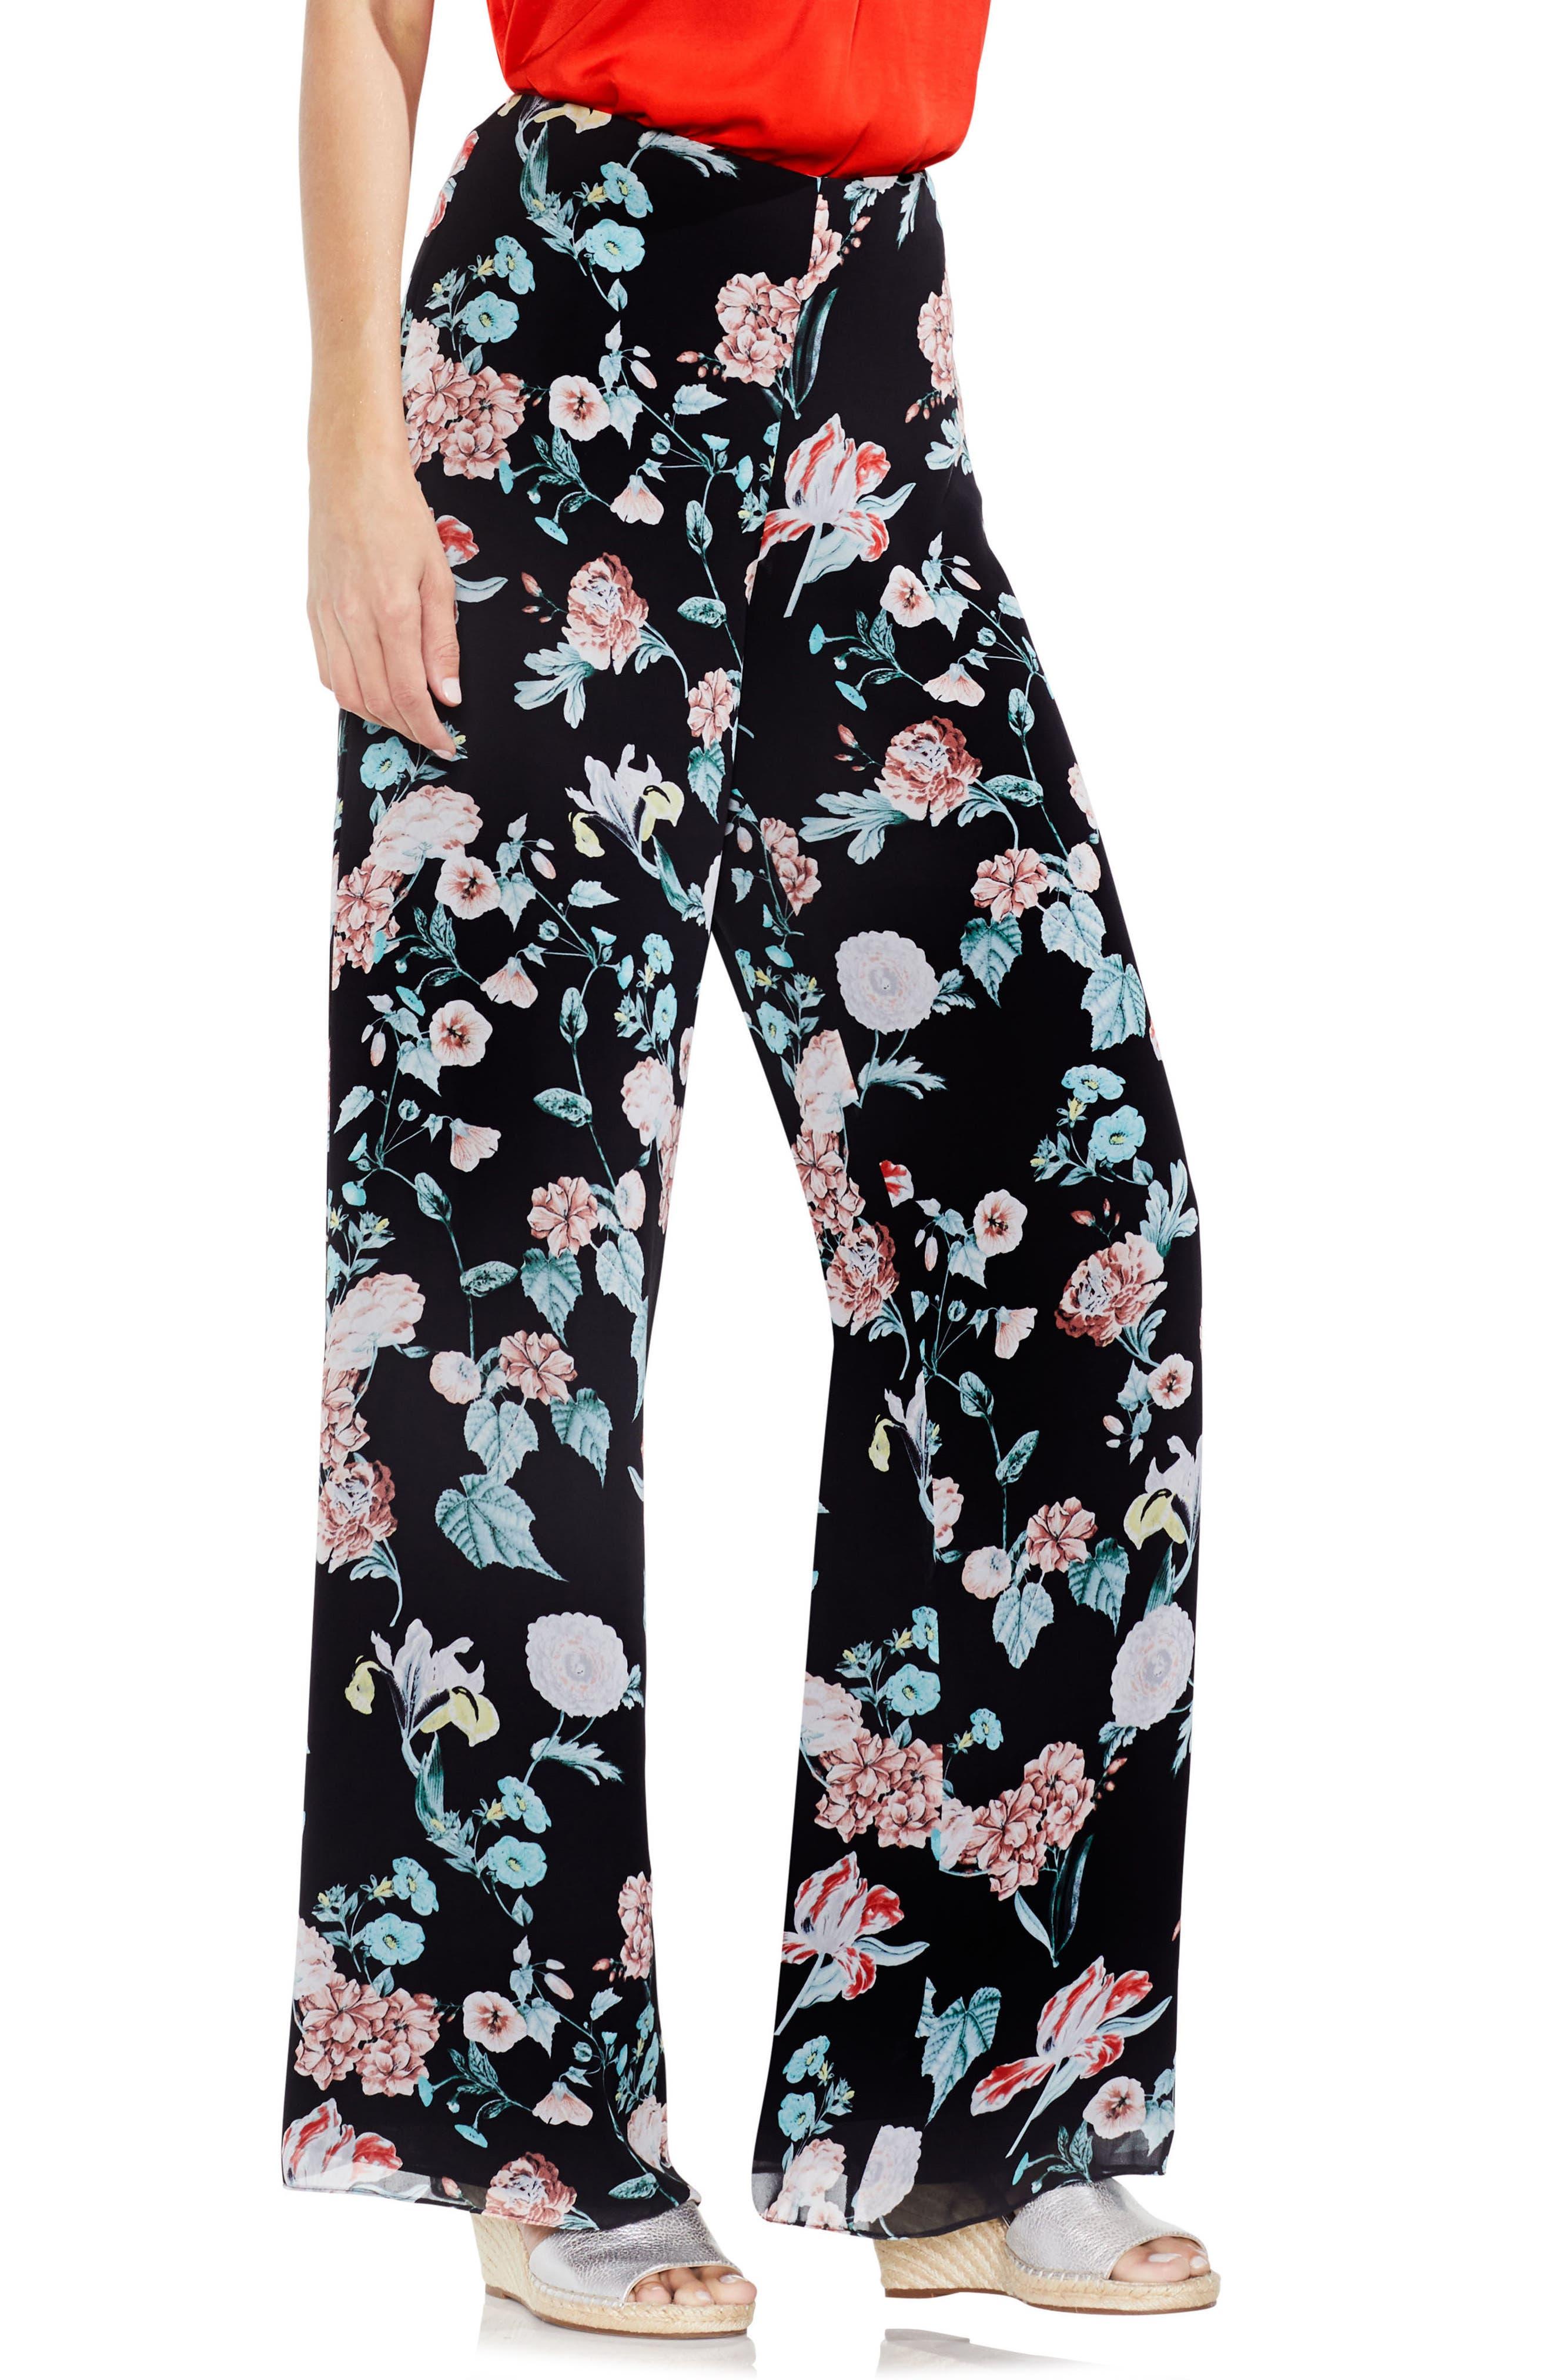 Floral Gardens Wide Leg Pants,                             Main thumbnail 1, color,                             Rich Black